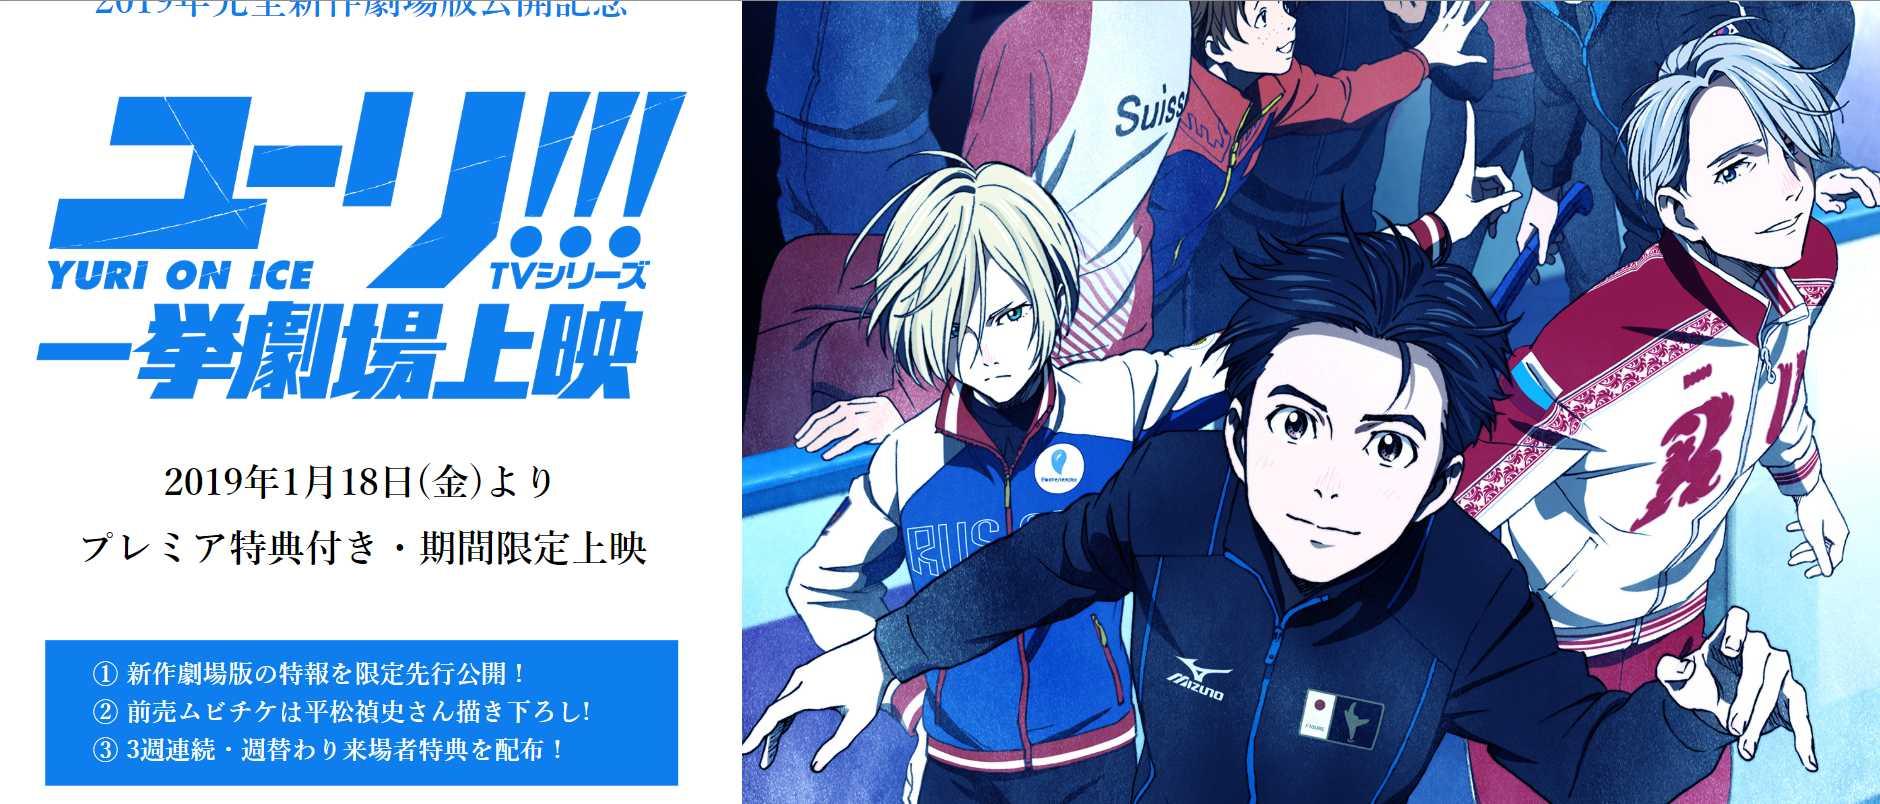 ユーリ!!! on ICE ムビチケGETです!ヴィクトル最高~!!